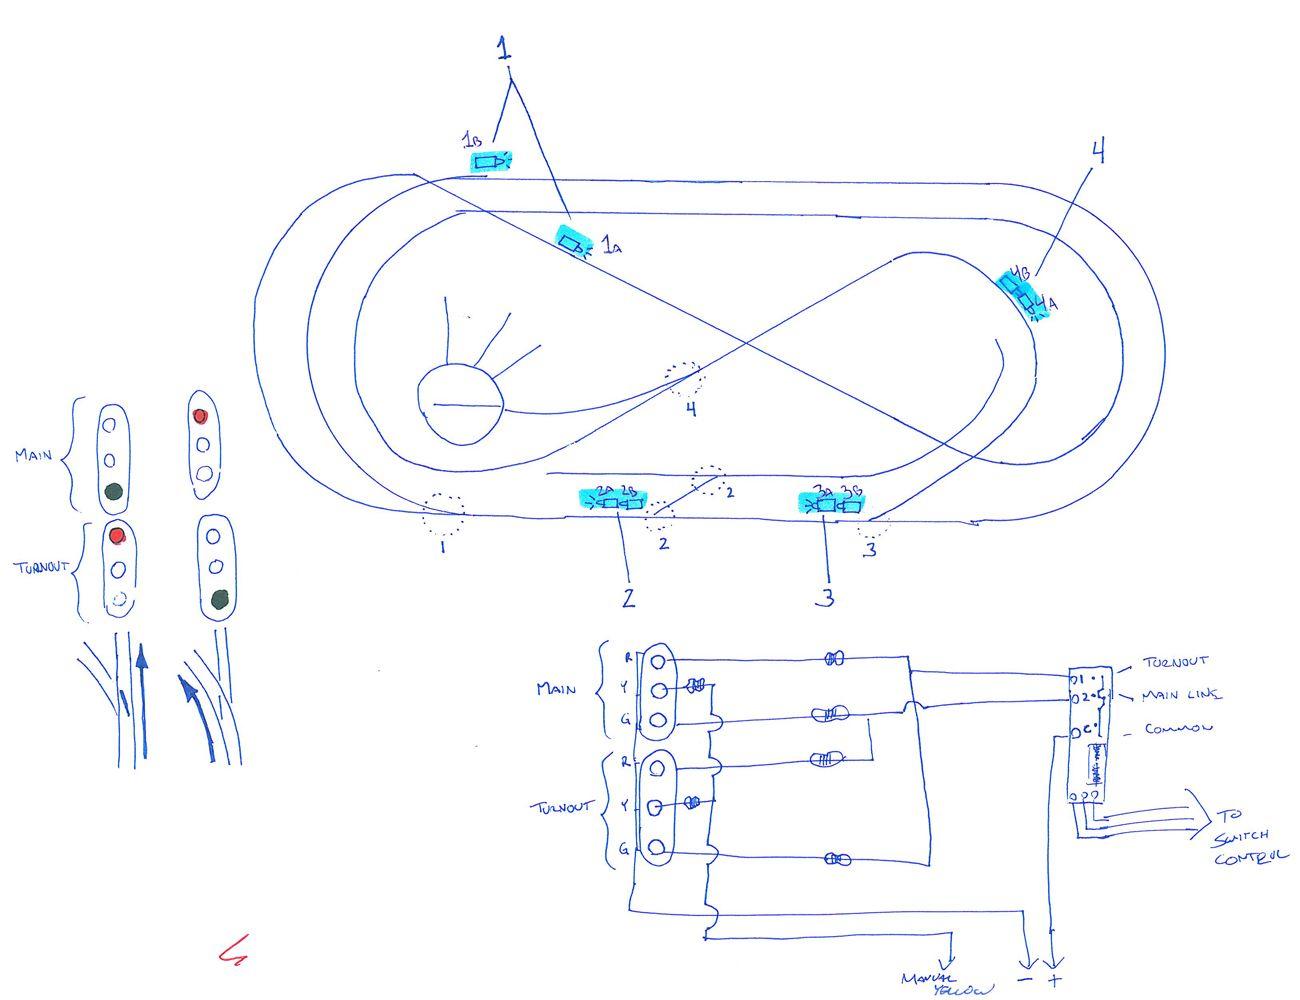 Trackside Signal Planning Diagram Wiring Pinterest Lionel Trains Schematics